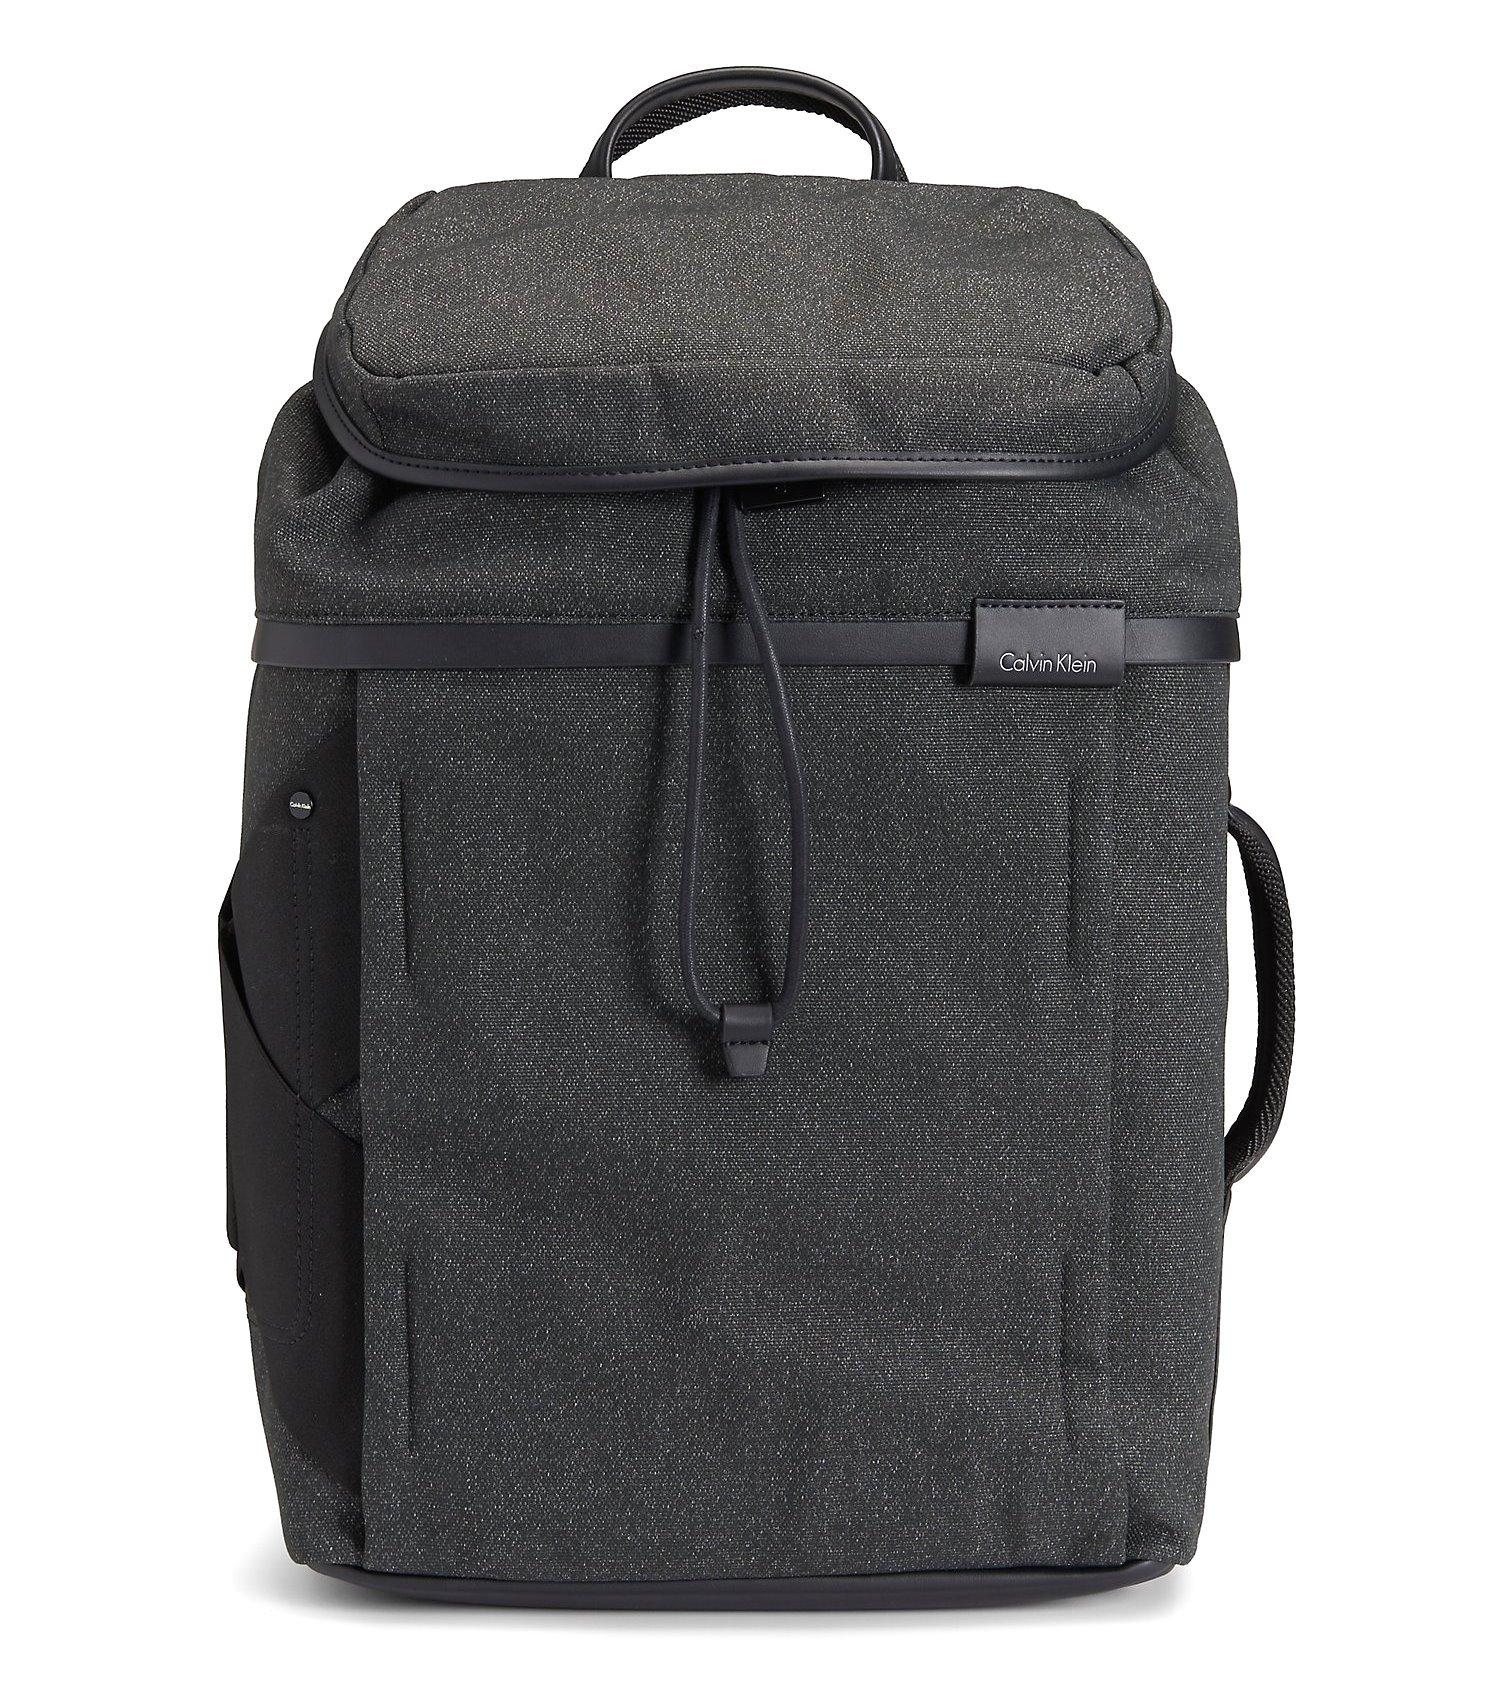 Calvin Klein Mens Weekender Travel Laptop Backpack Bag